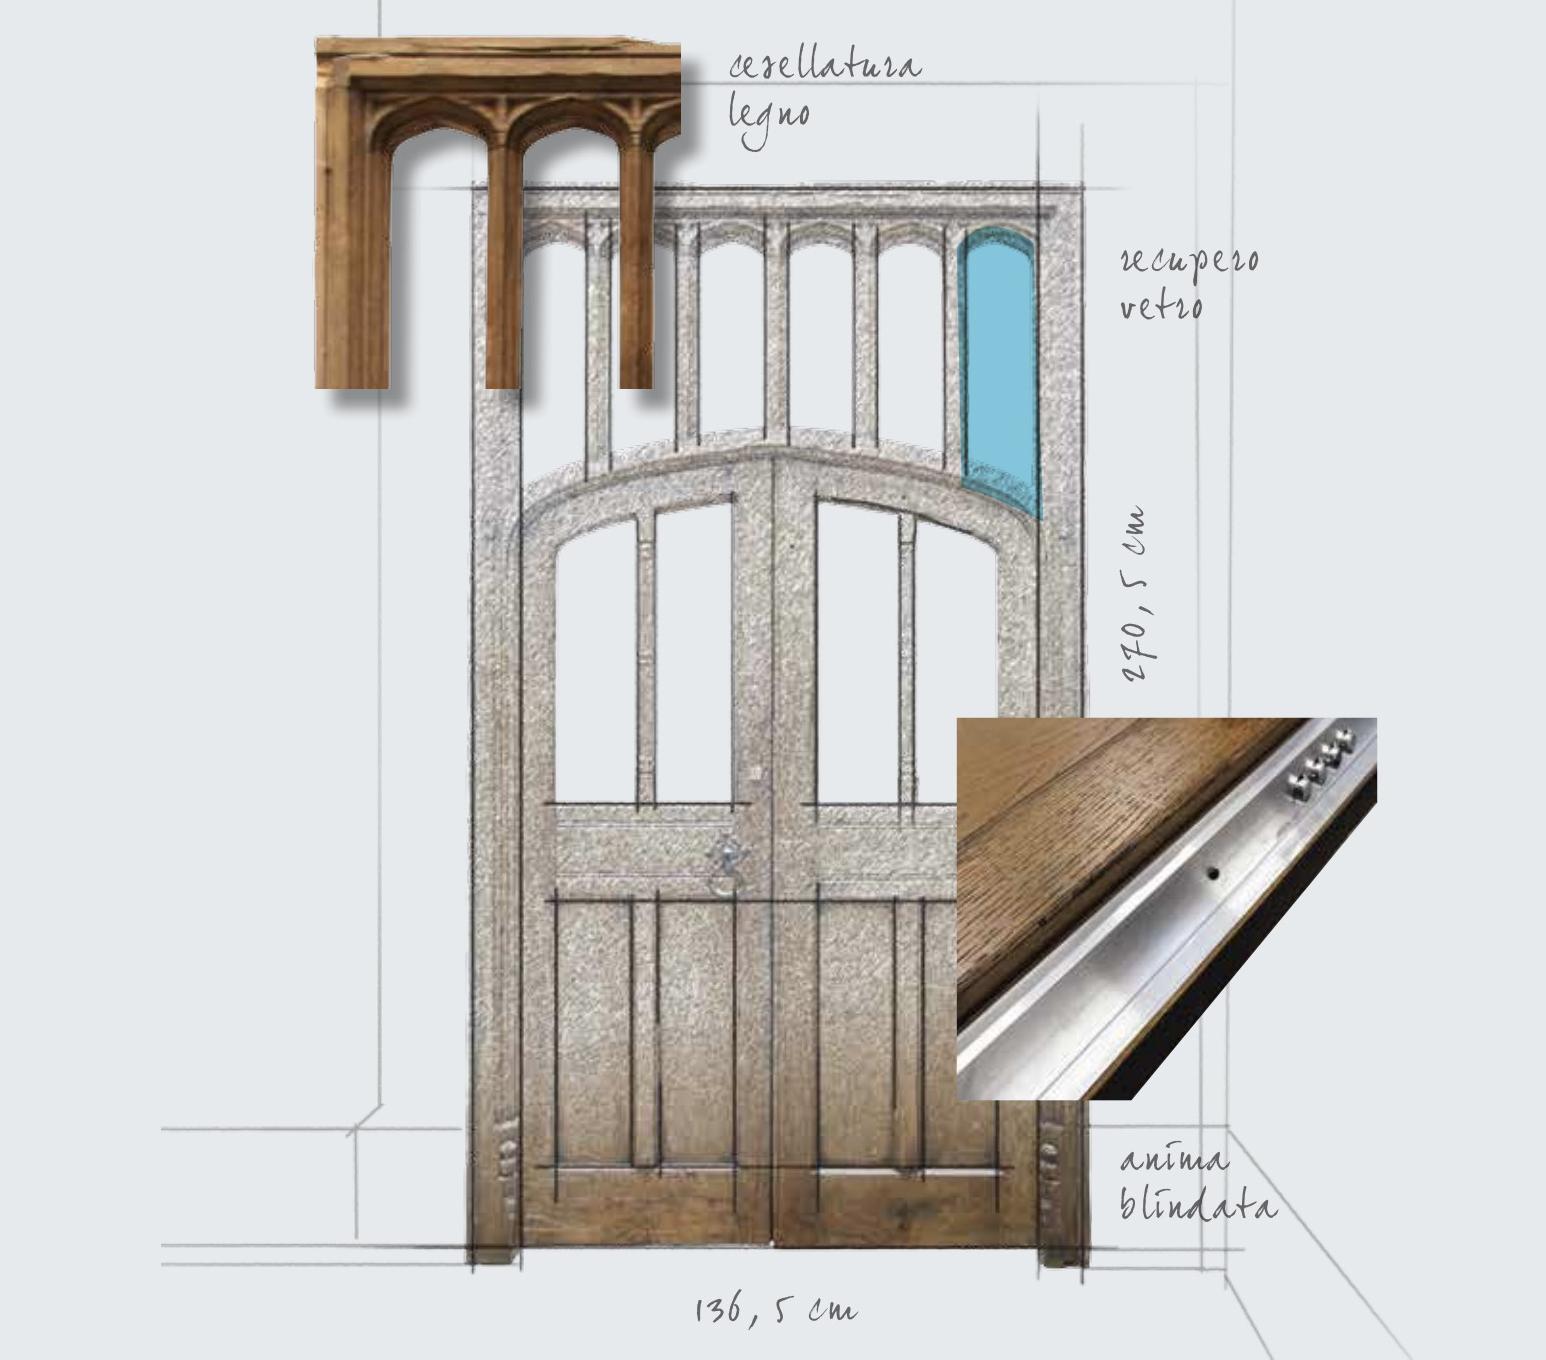 puertas de seguridad protegidas por comunidad vecinos o patrimonio